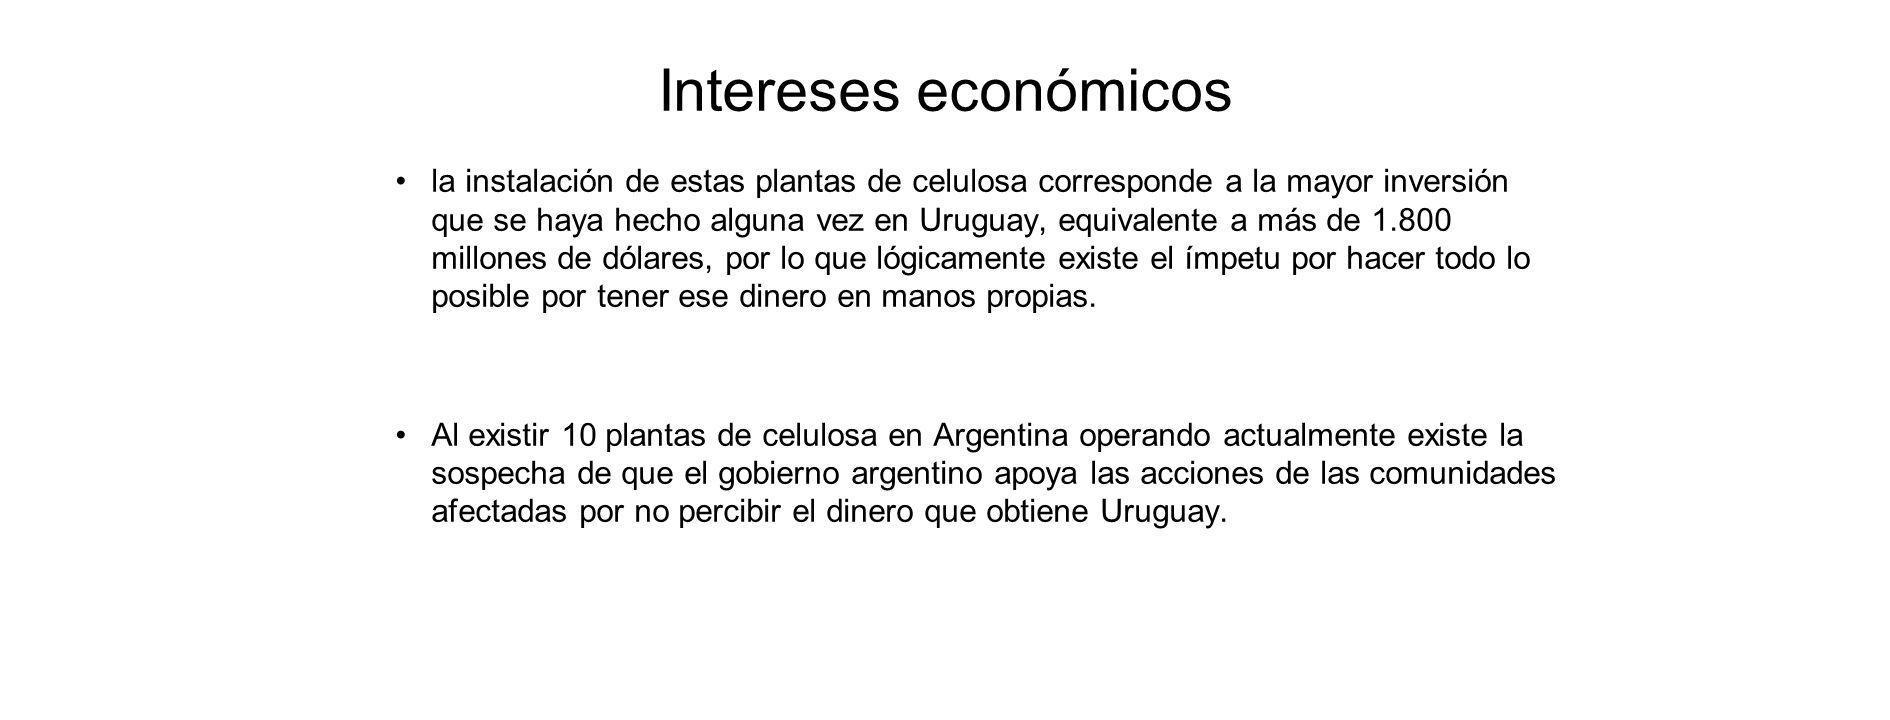 Intereses económicos la instalación de estas plantas de celulosa corresponde a la mayor inversión que se haya hecho alguna vez en Uruguay, equivalente a más de 1.800 millones de dólares, por lo que lógicamente existe el ímpetu por hacer todo lo posible por tener ese dinero en manos propias.